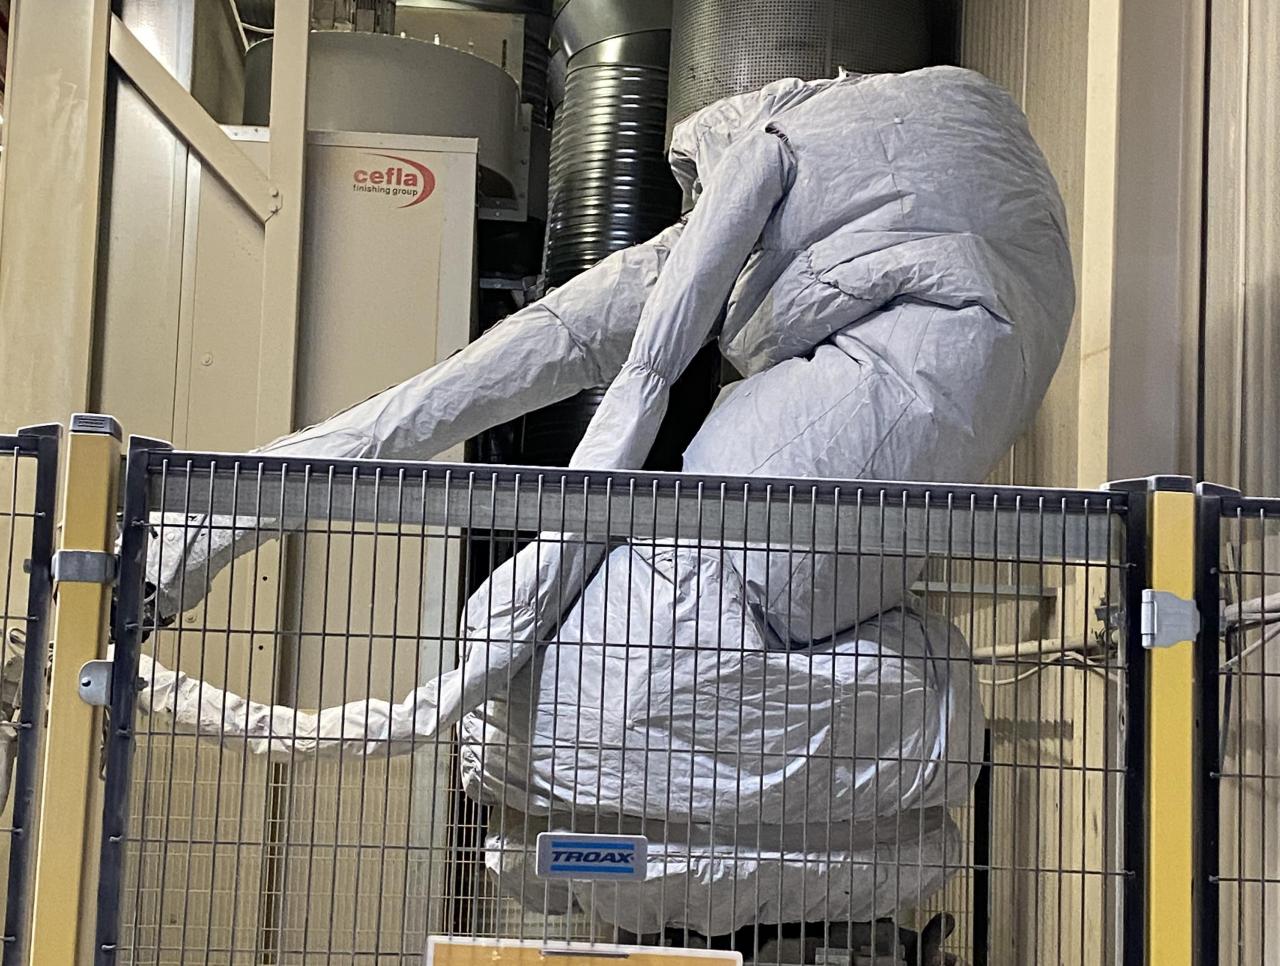 Solide tradisjoner, tidløs kvalitet, dedikerte medarbeidere og moderne teknikk har skapt grunnlaget for at Norgesvinduet Svenningdal har blitt en suksess-bedrift. Her er en robot i full gang med overflatearbeid.